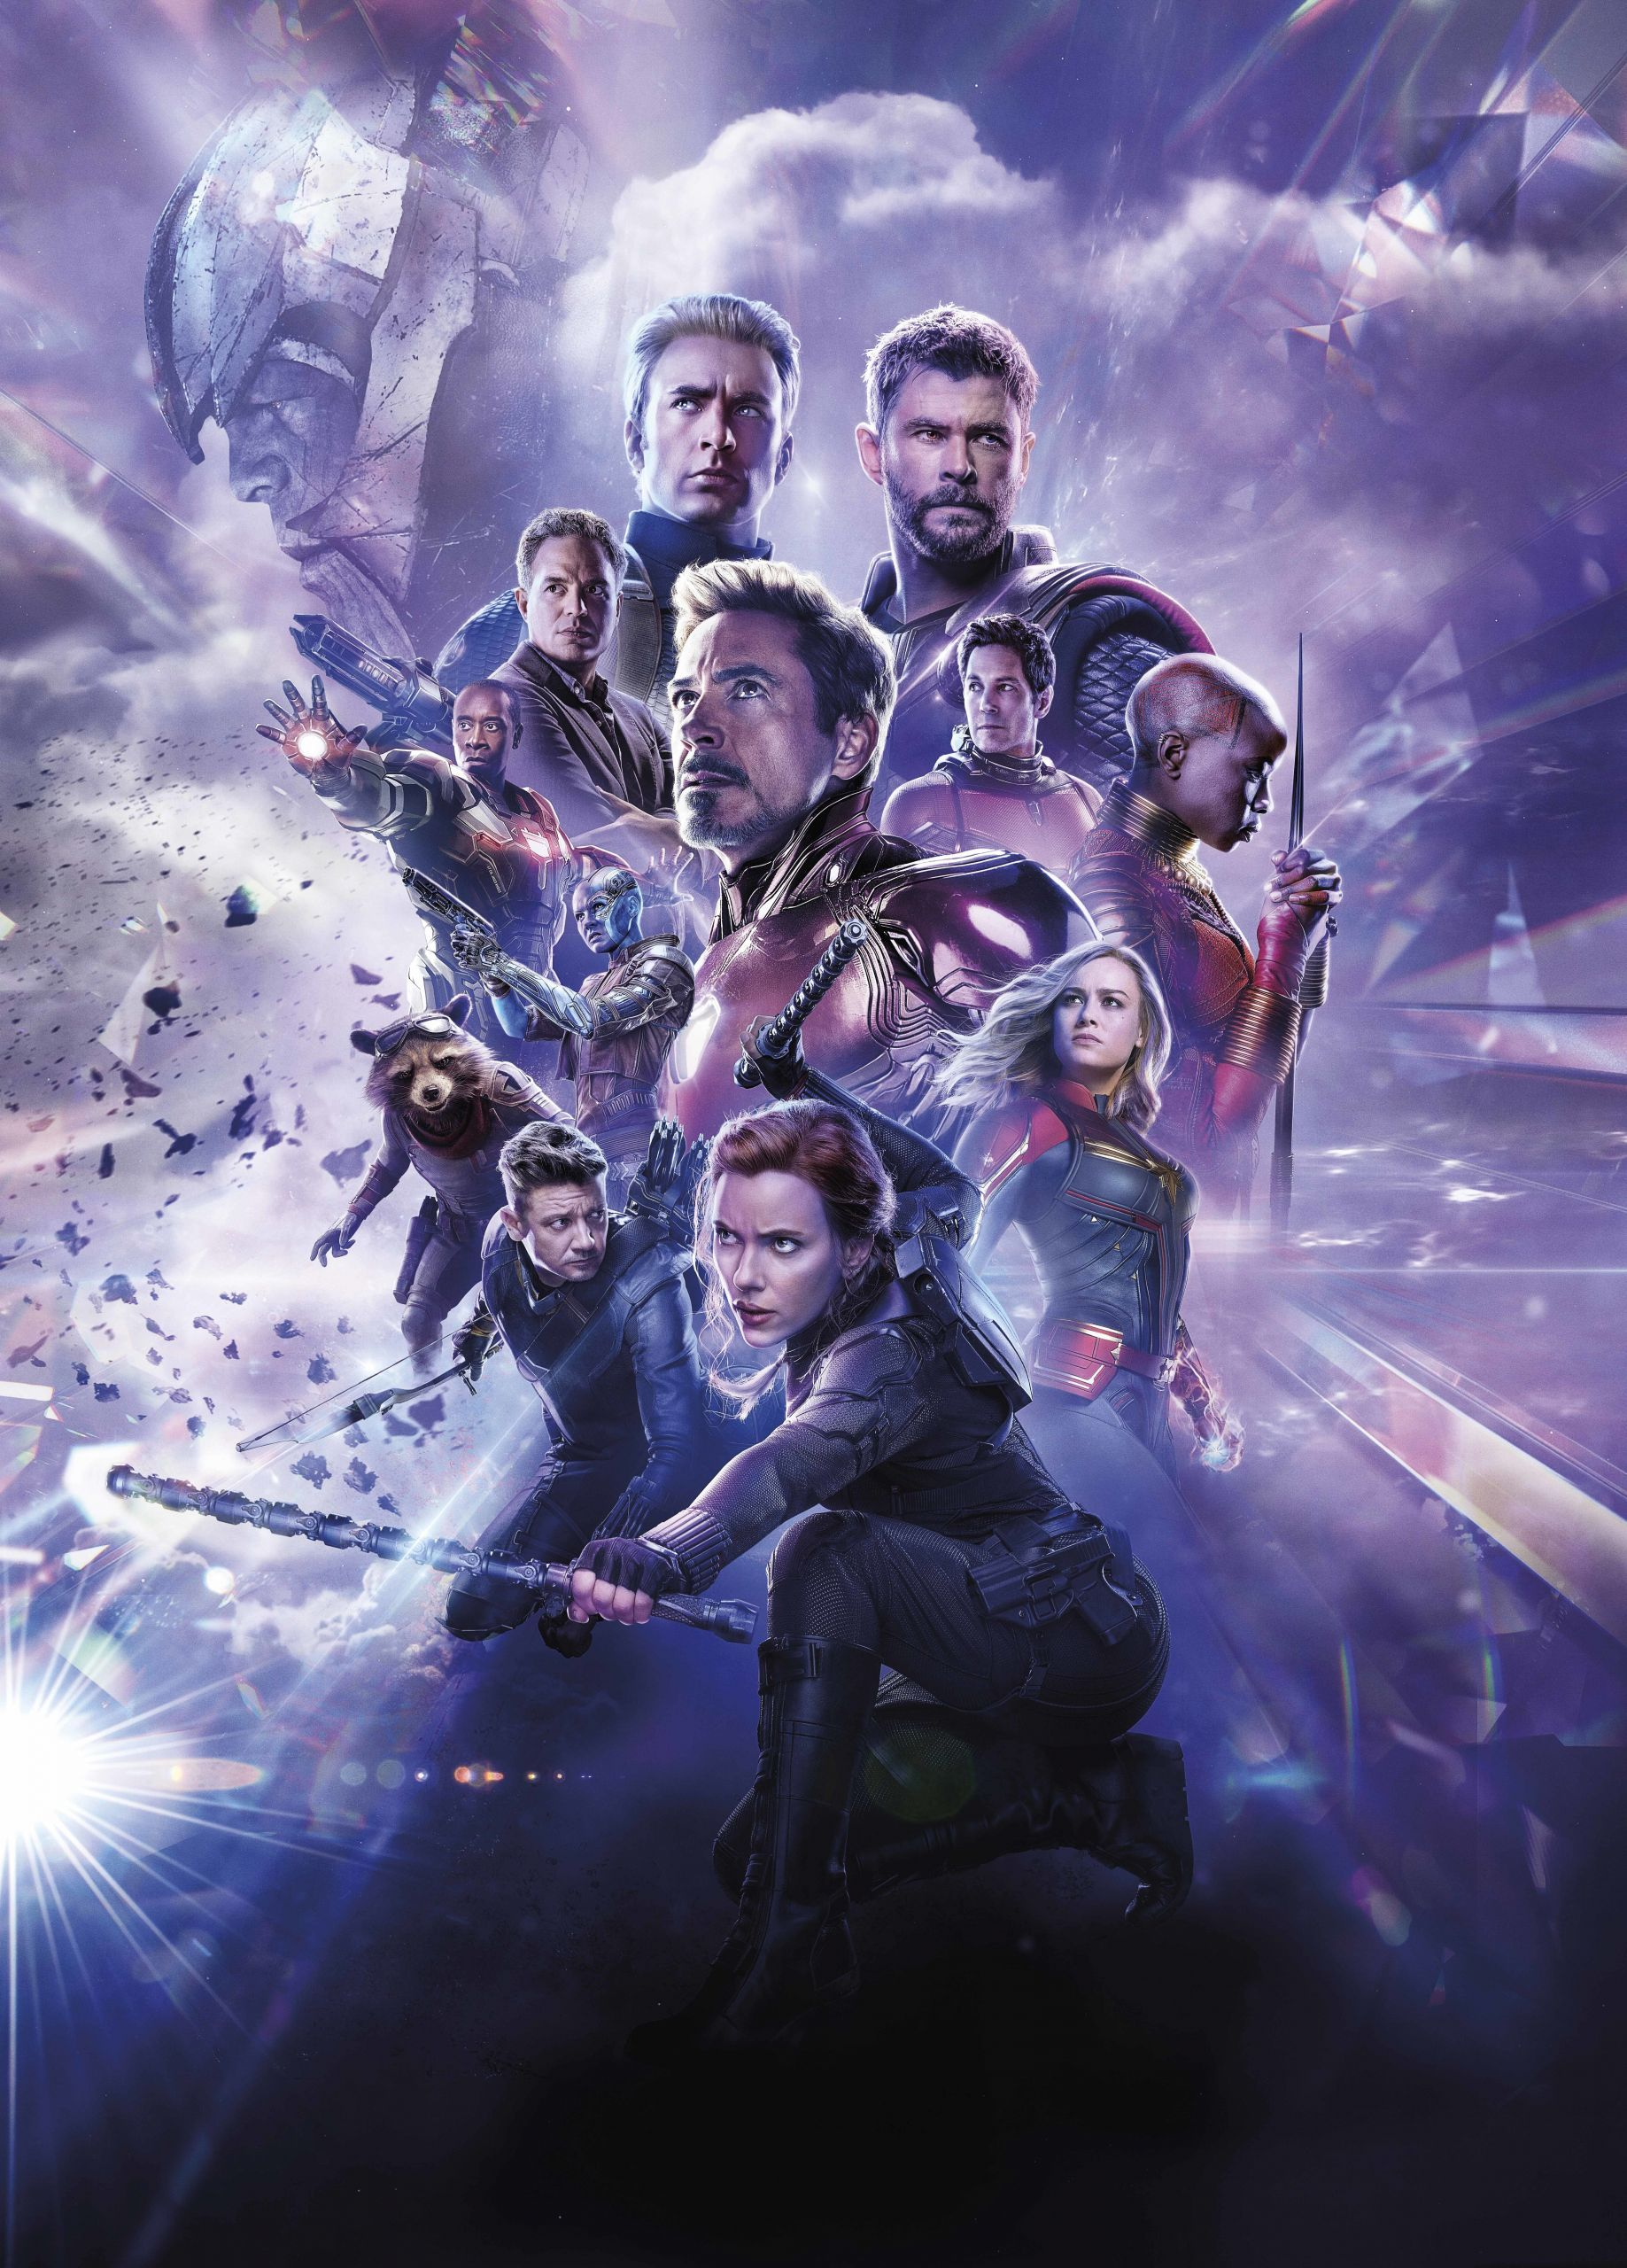 Avengers Endgame Wallpaper Lovely Avengers Endgame 8k Russian Poster Wallpaper Hd Movies 4k O In 2020 Marvel Superheroes Marvel Posters Avengers Wallpaper